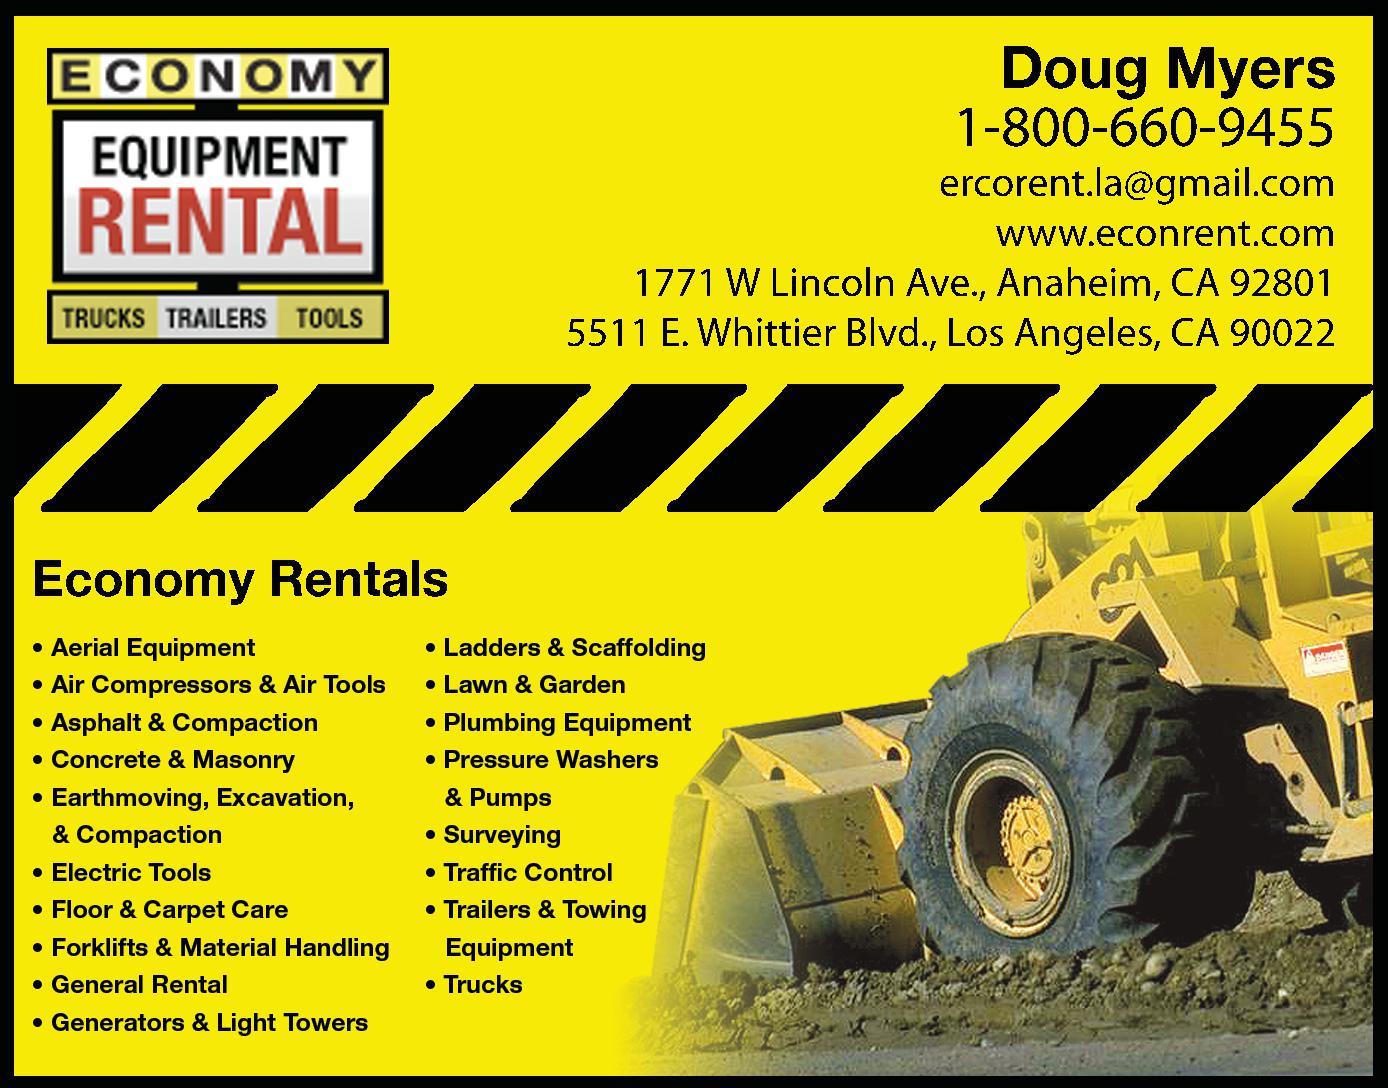 Economy Rentals, Inc